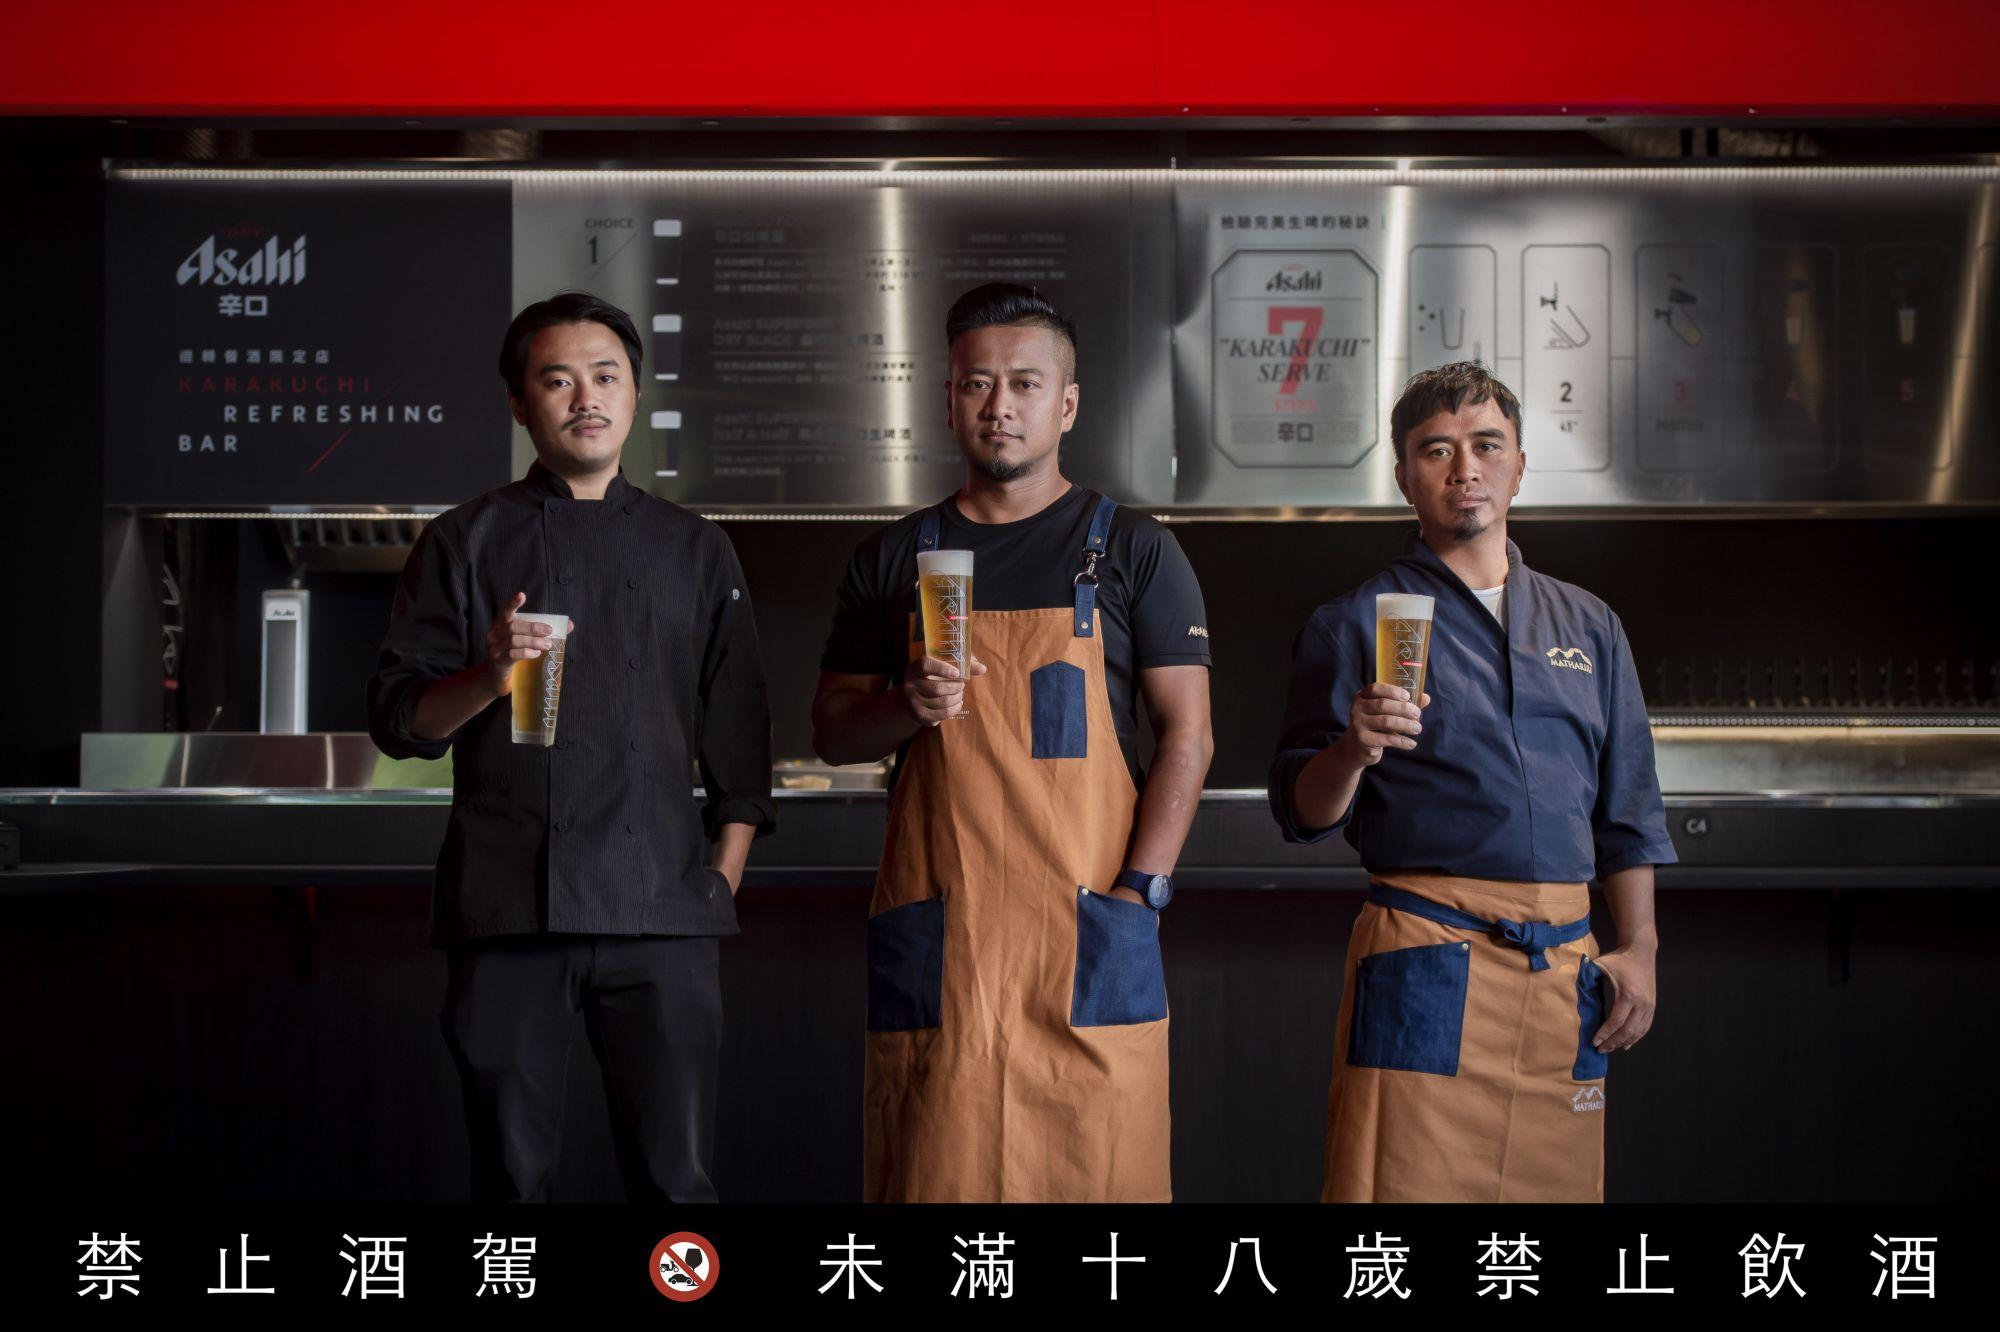 南北三大名廚手藝一次品味!為期34天「Asahi SUPER DRY 辛口迴轉餐酒限定店」快閃登場